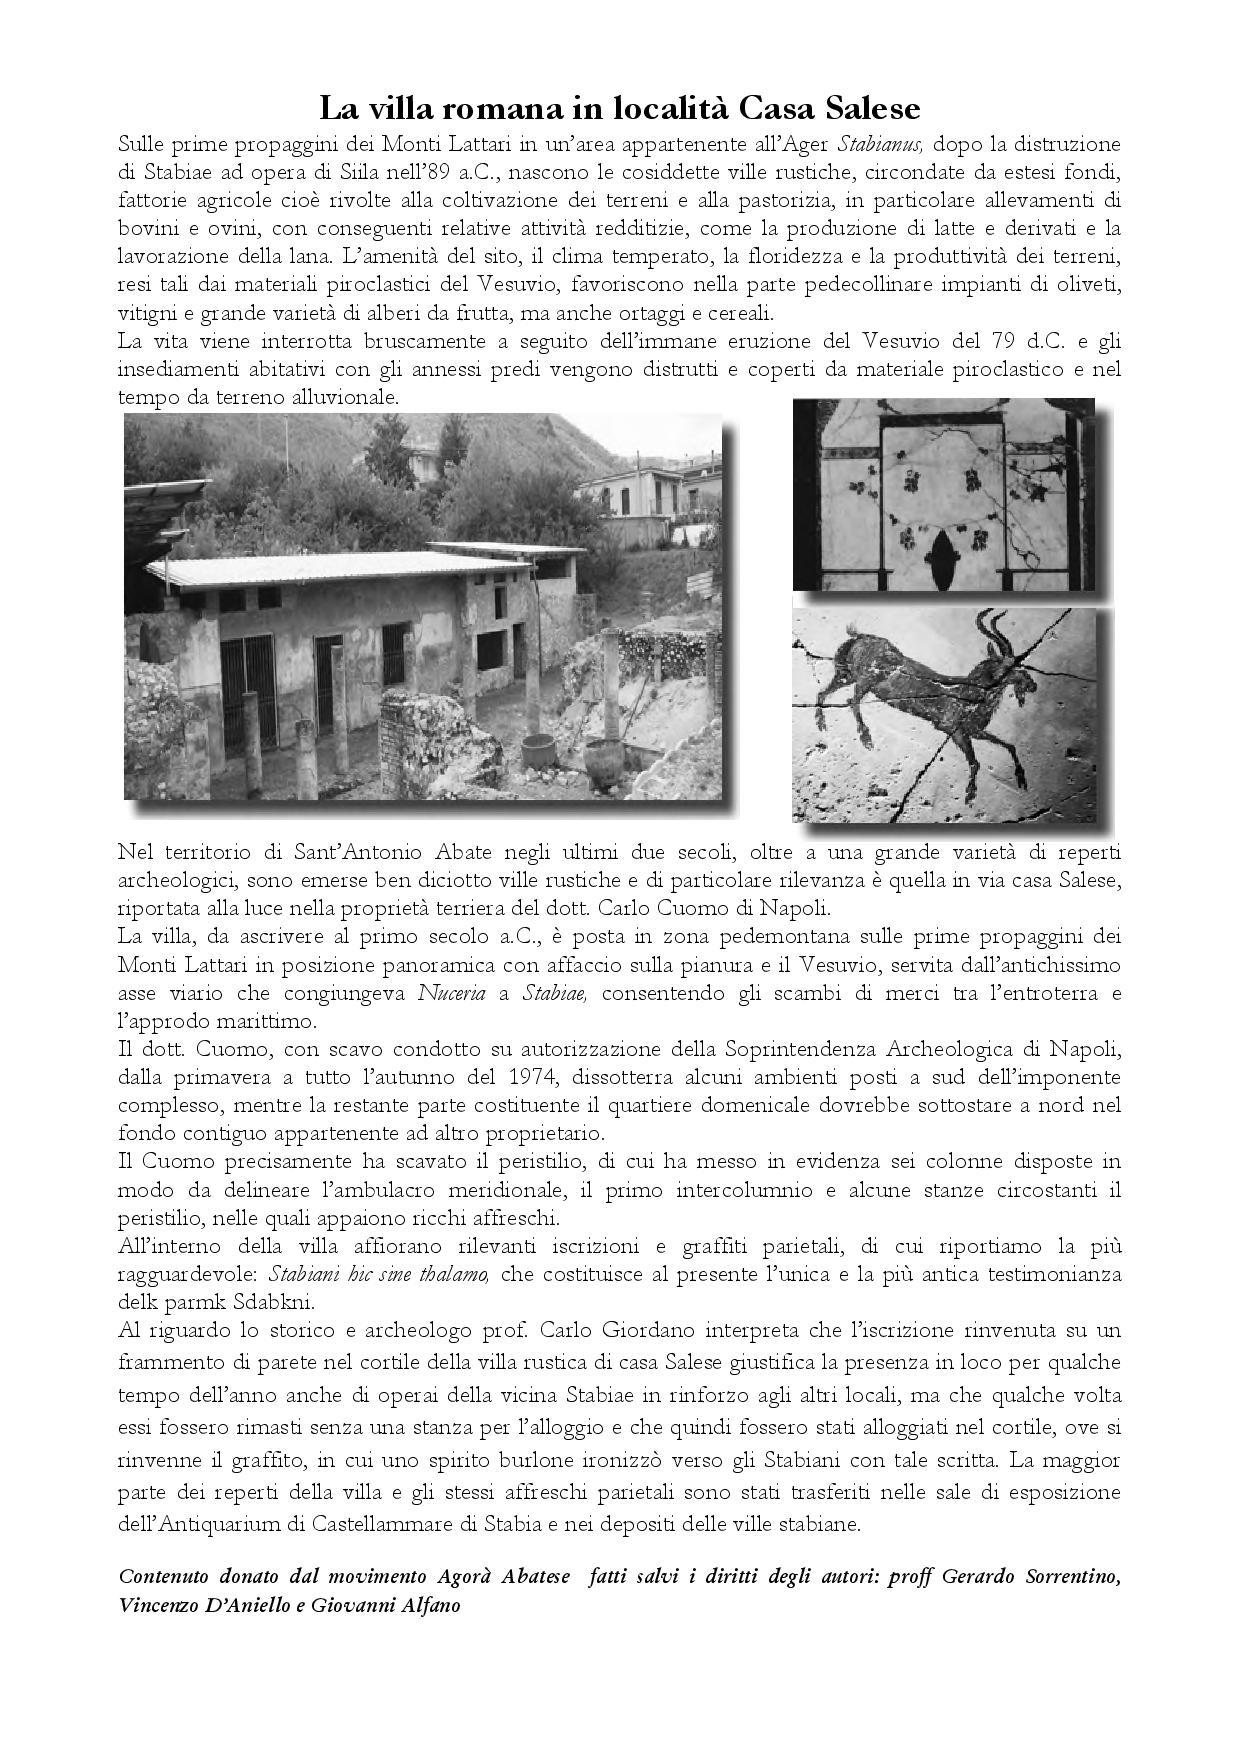 La villa romana in località Casa Salese